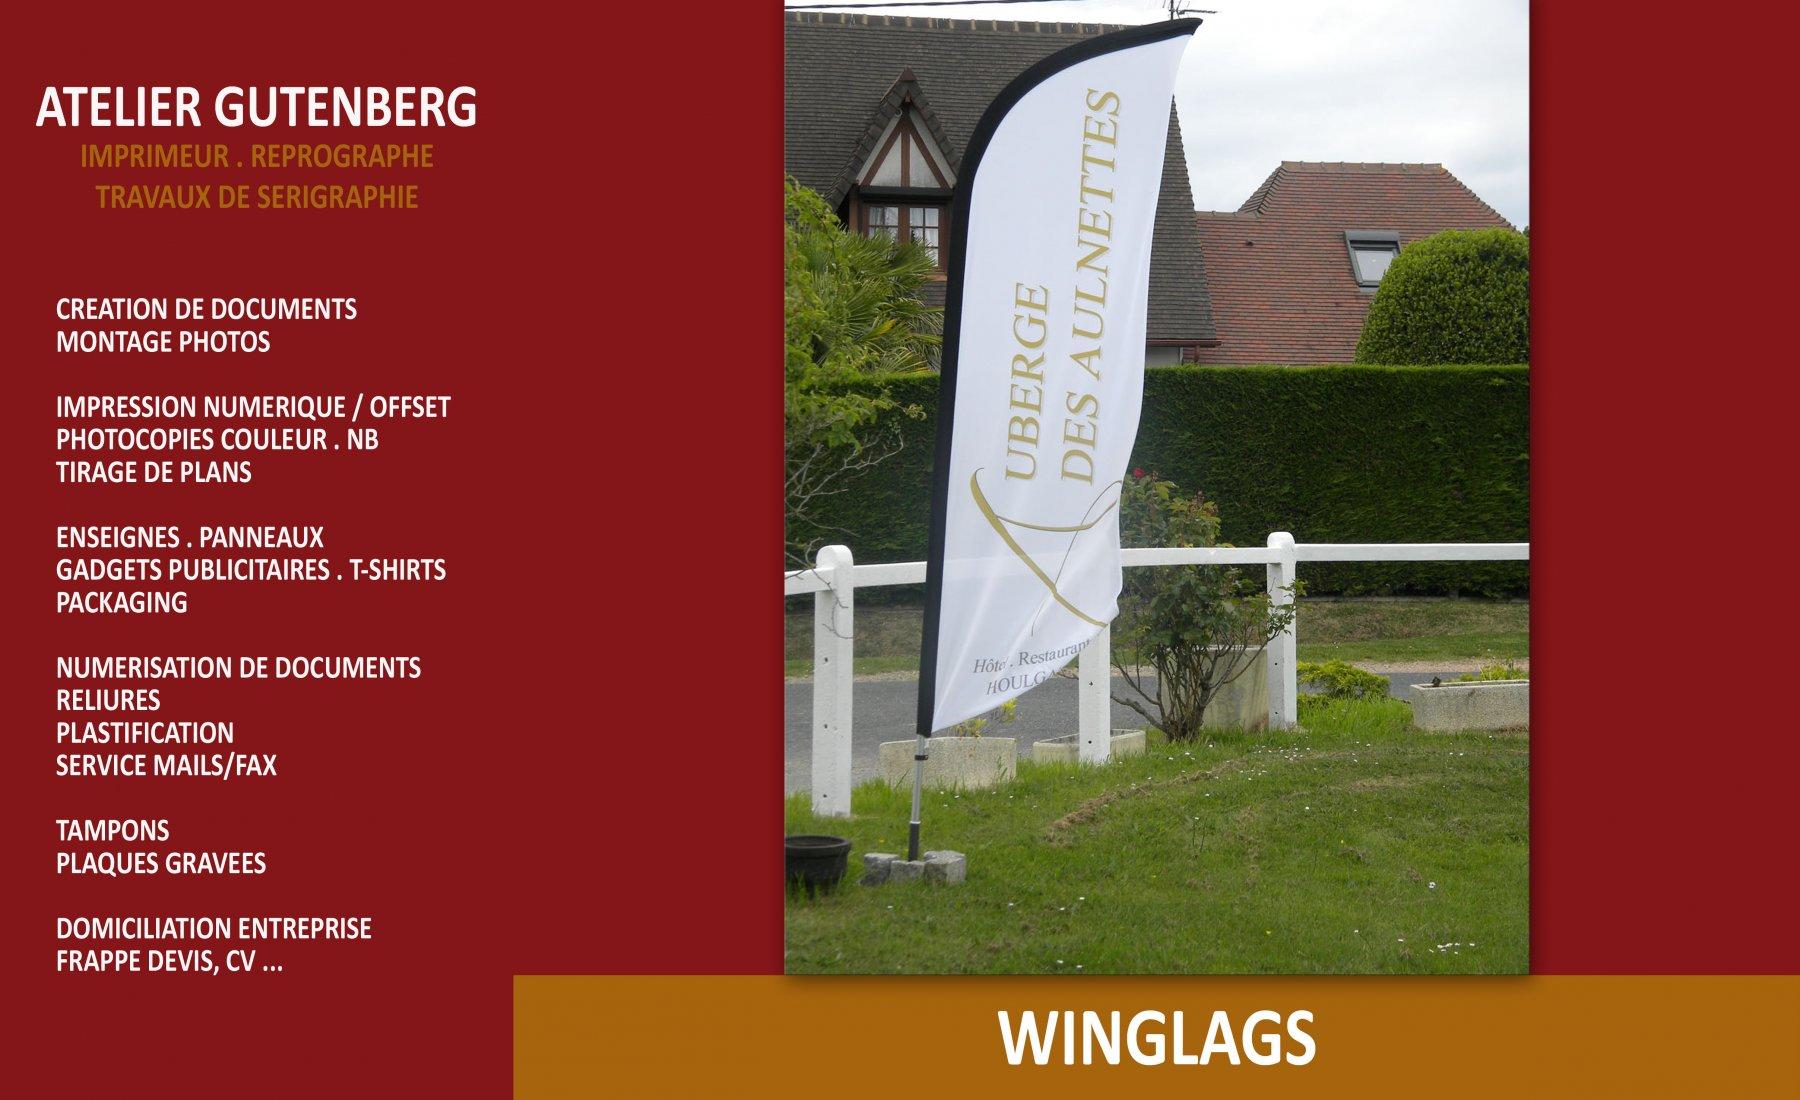 atelier gutenberg wingflag fait pour l'auberge des aulnettes